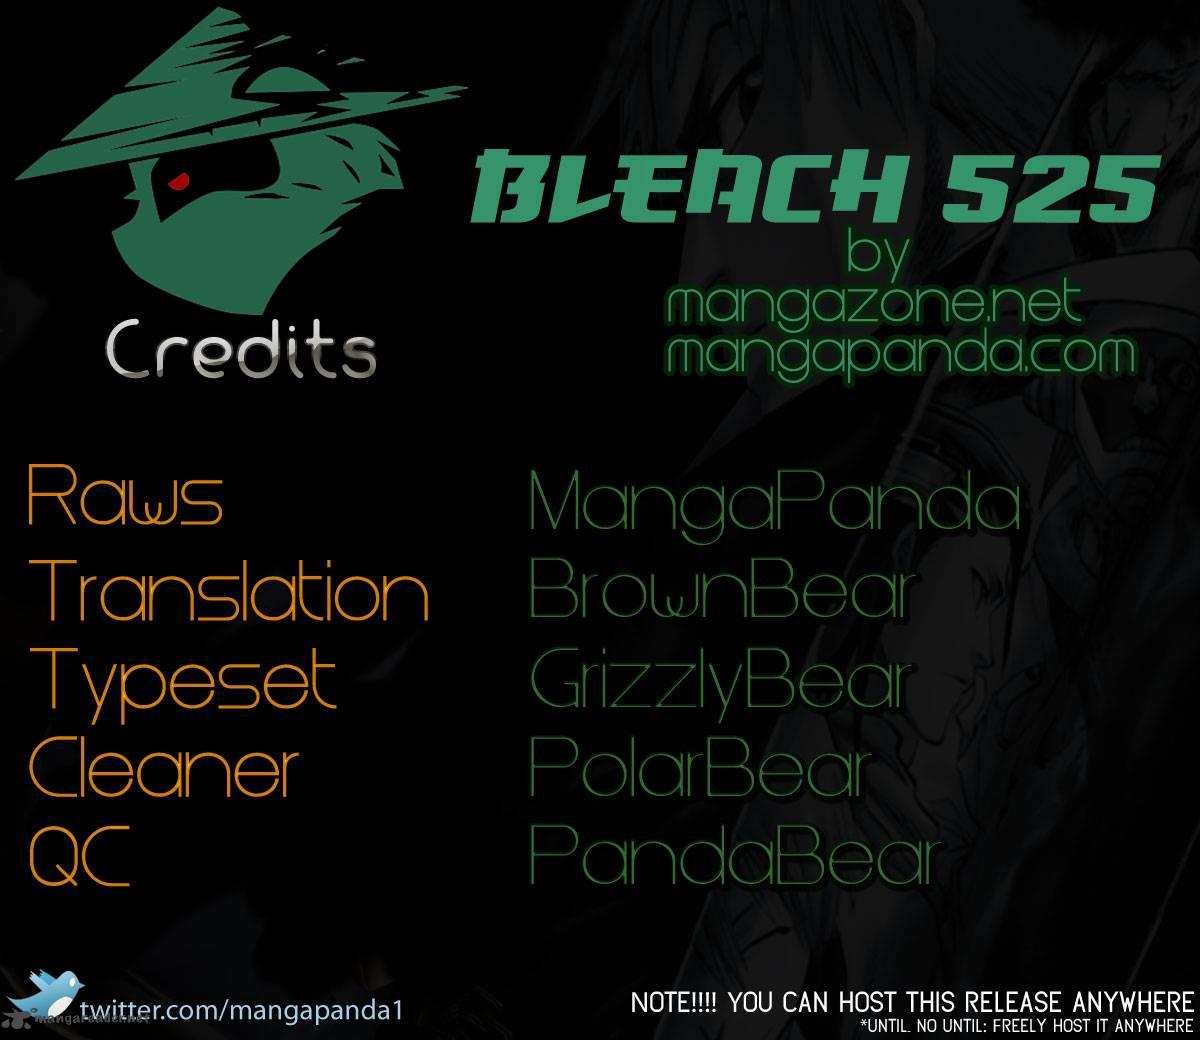 Bleach 525: Edges